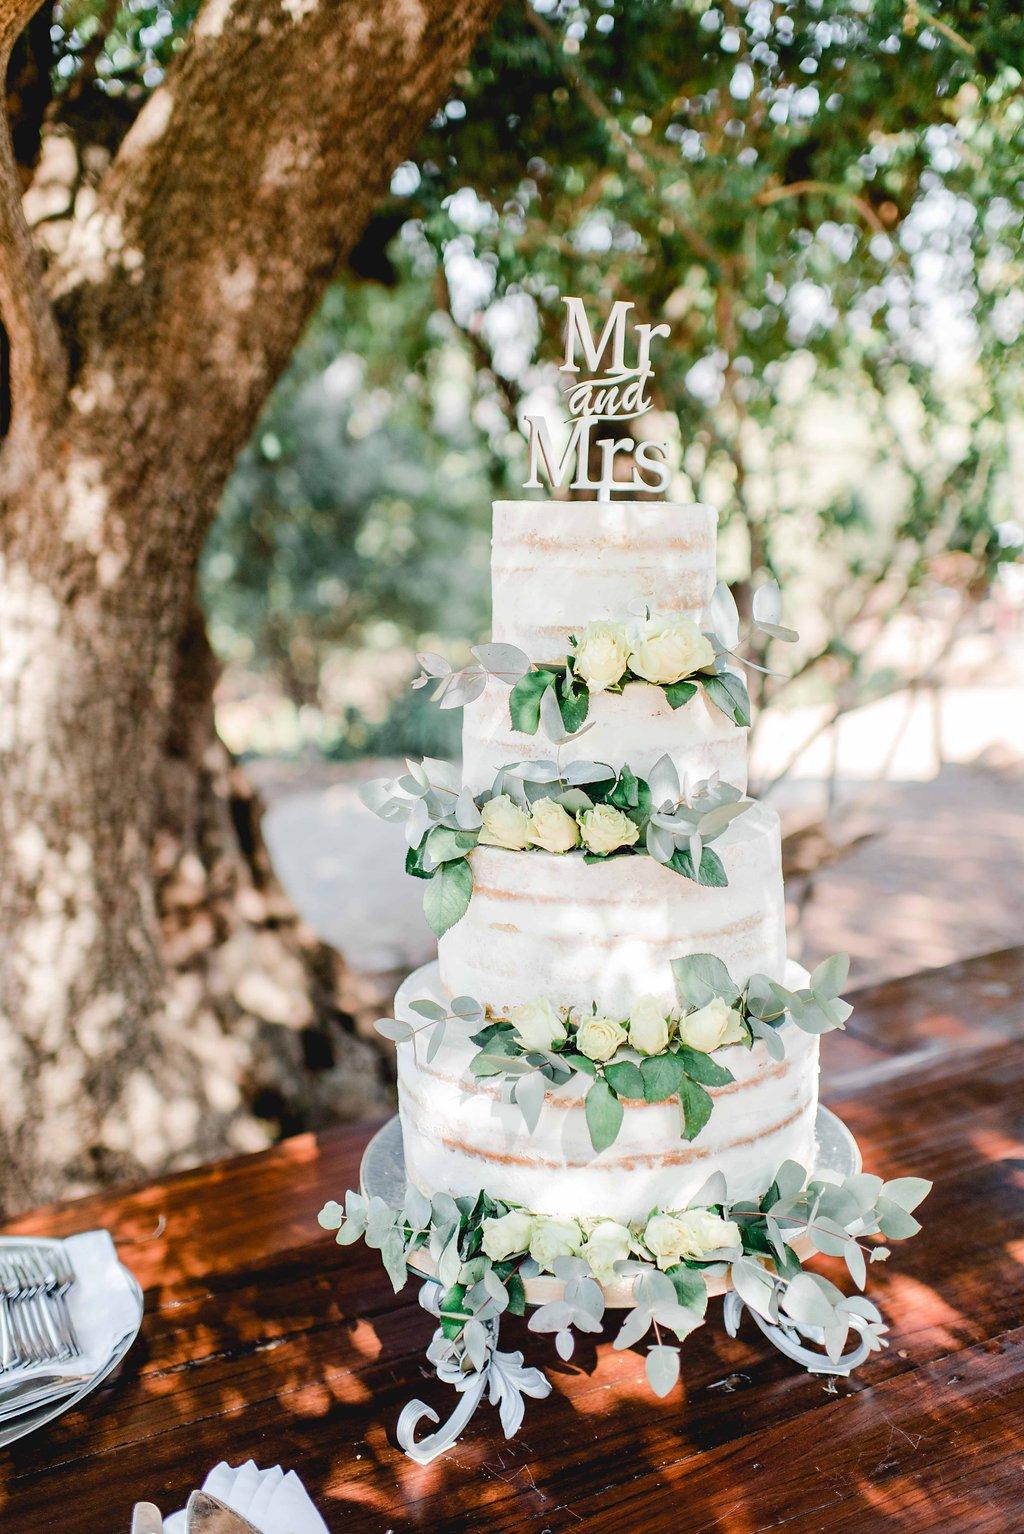 Semi Naked Wedding Cake with White Roses   Image: Carla Adel